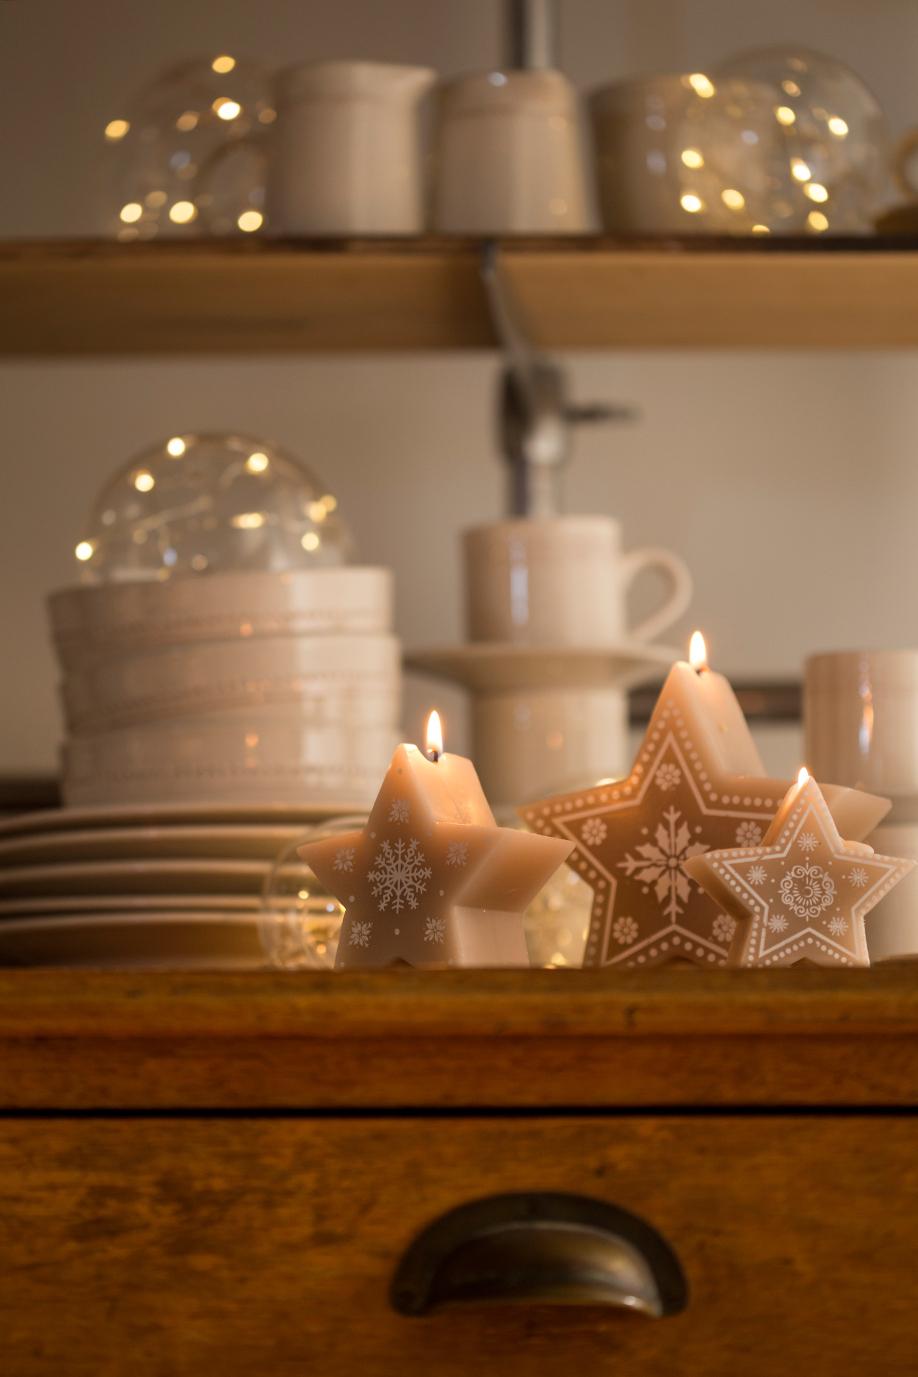 świeczki w kształcie gwiazdek